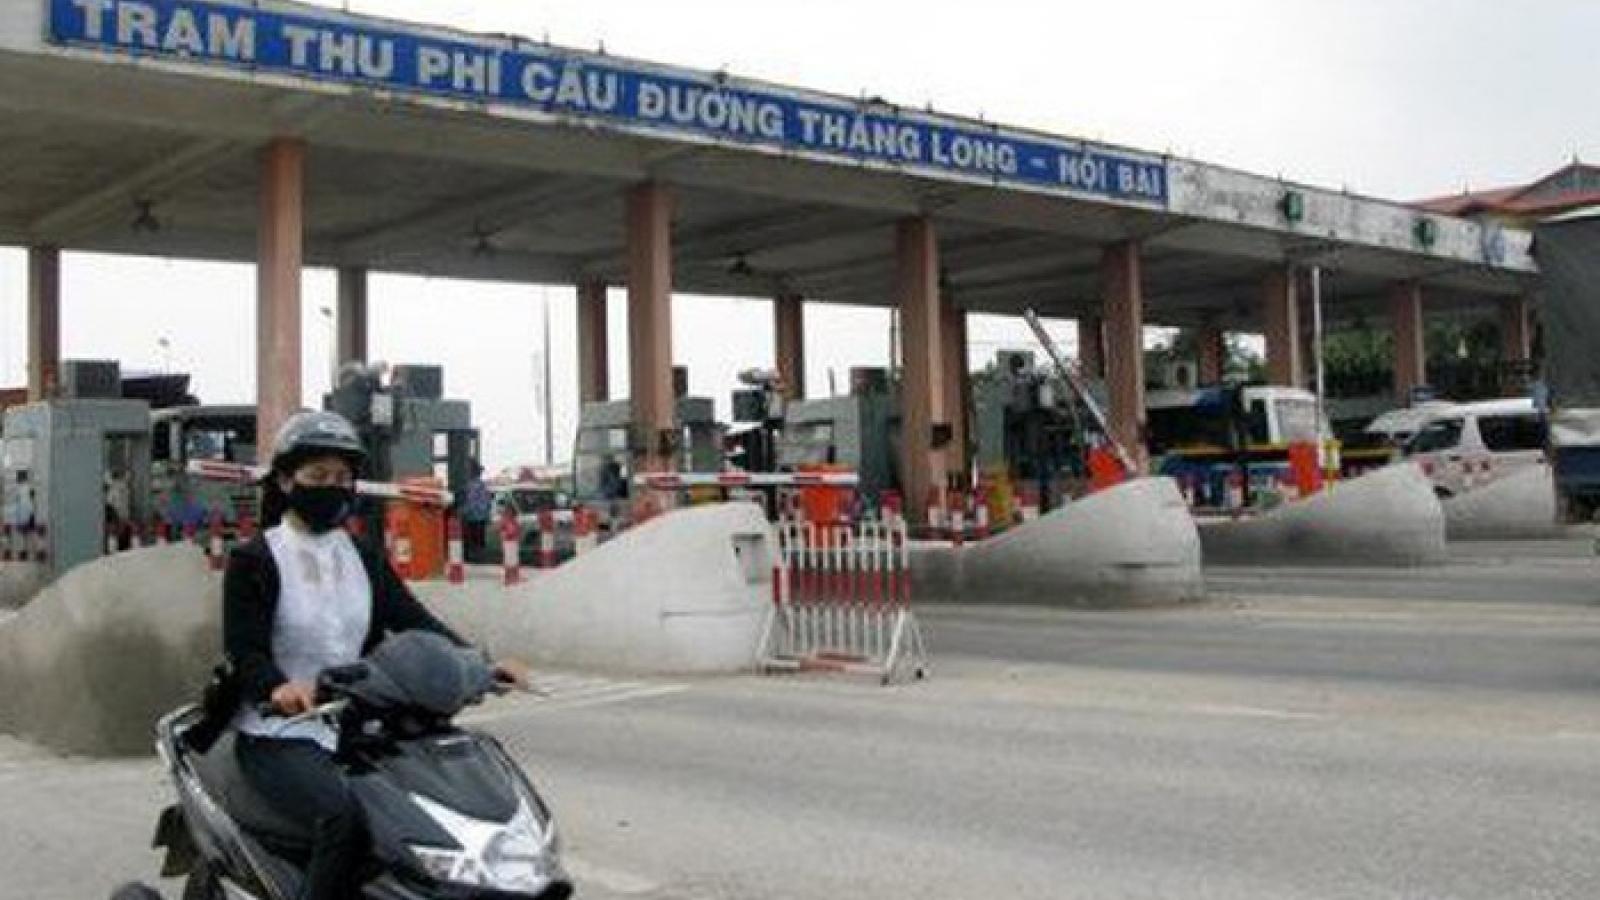 Cử tri Hà Nội lại kiến nghị dỡ bỏ trạm thu phí Bắc Thăng Long - Nội Bài